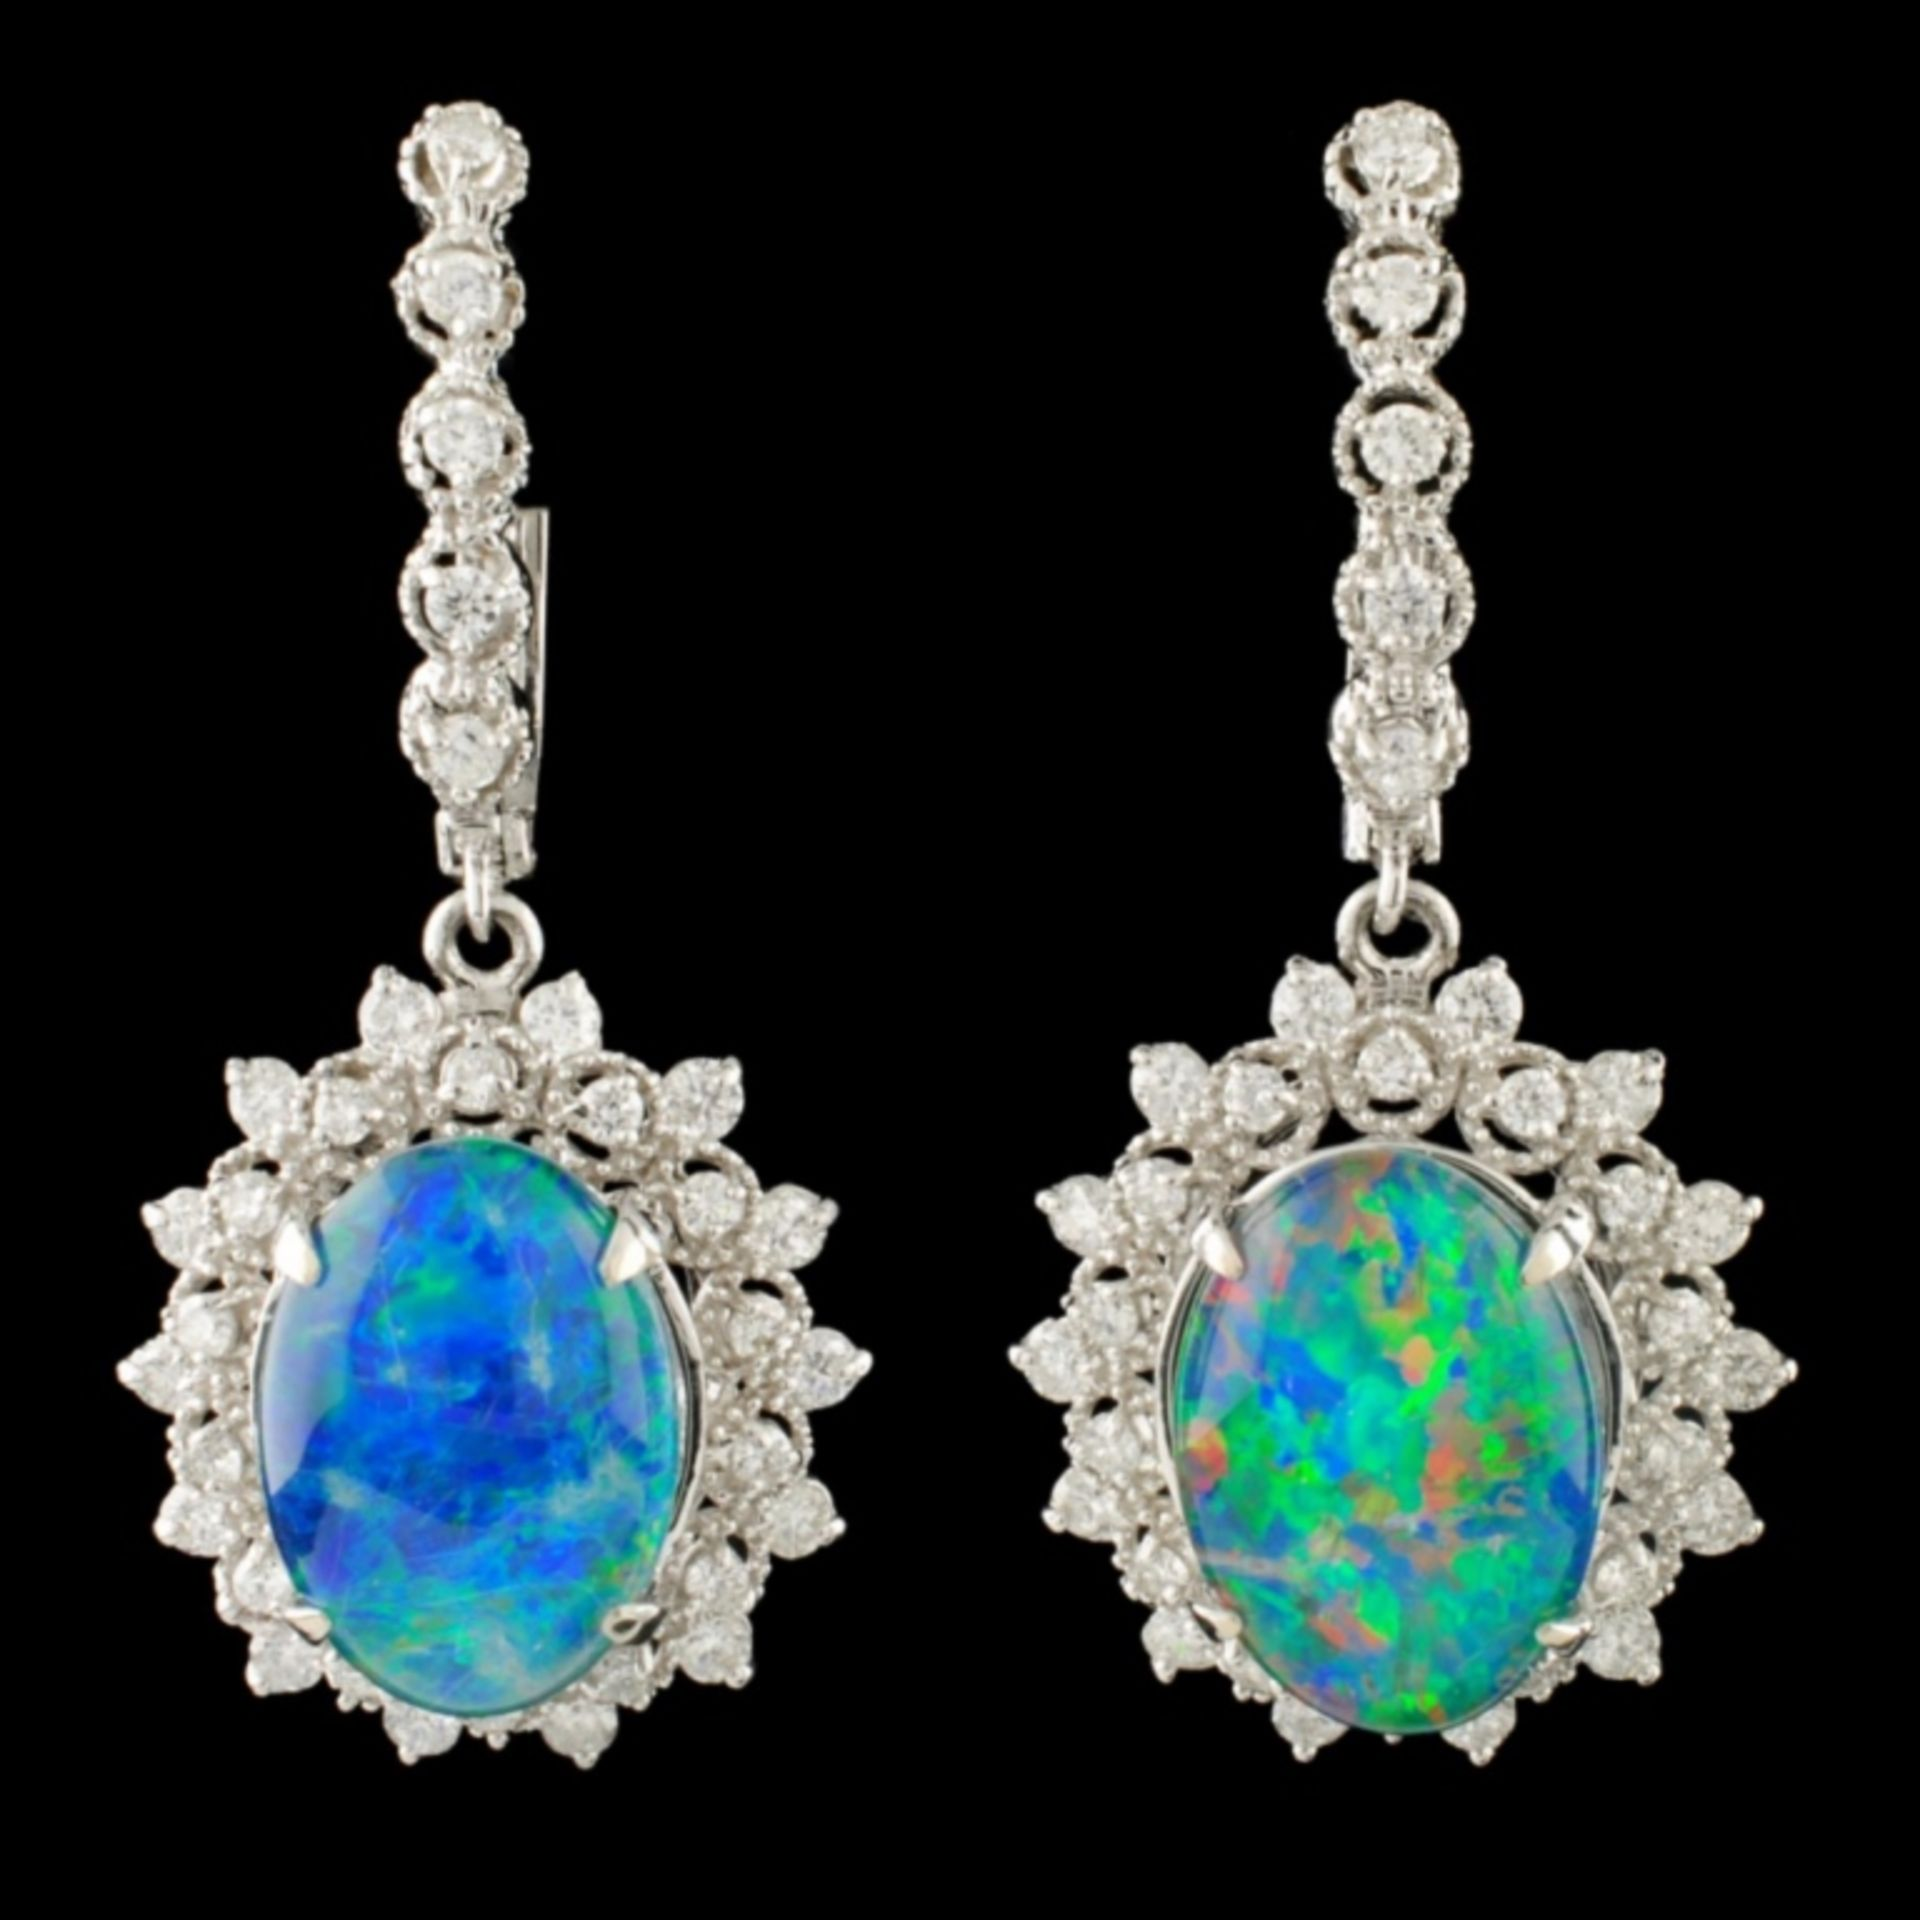 14K Gold 10.00ct Opal & 1.70ctw Diamond Earrings